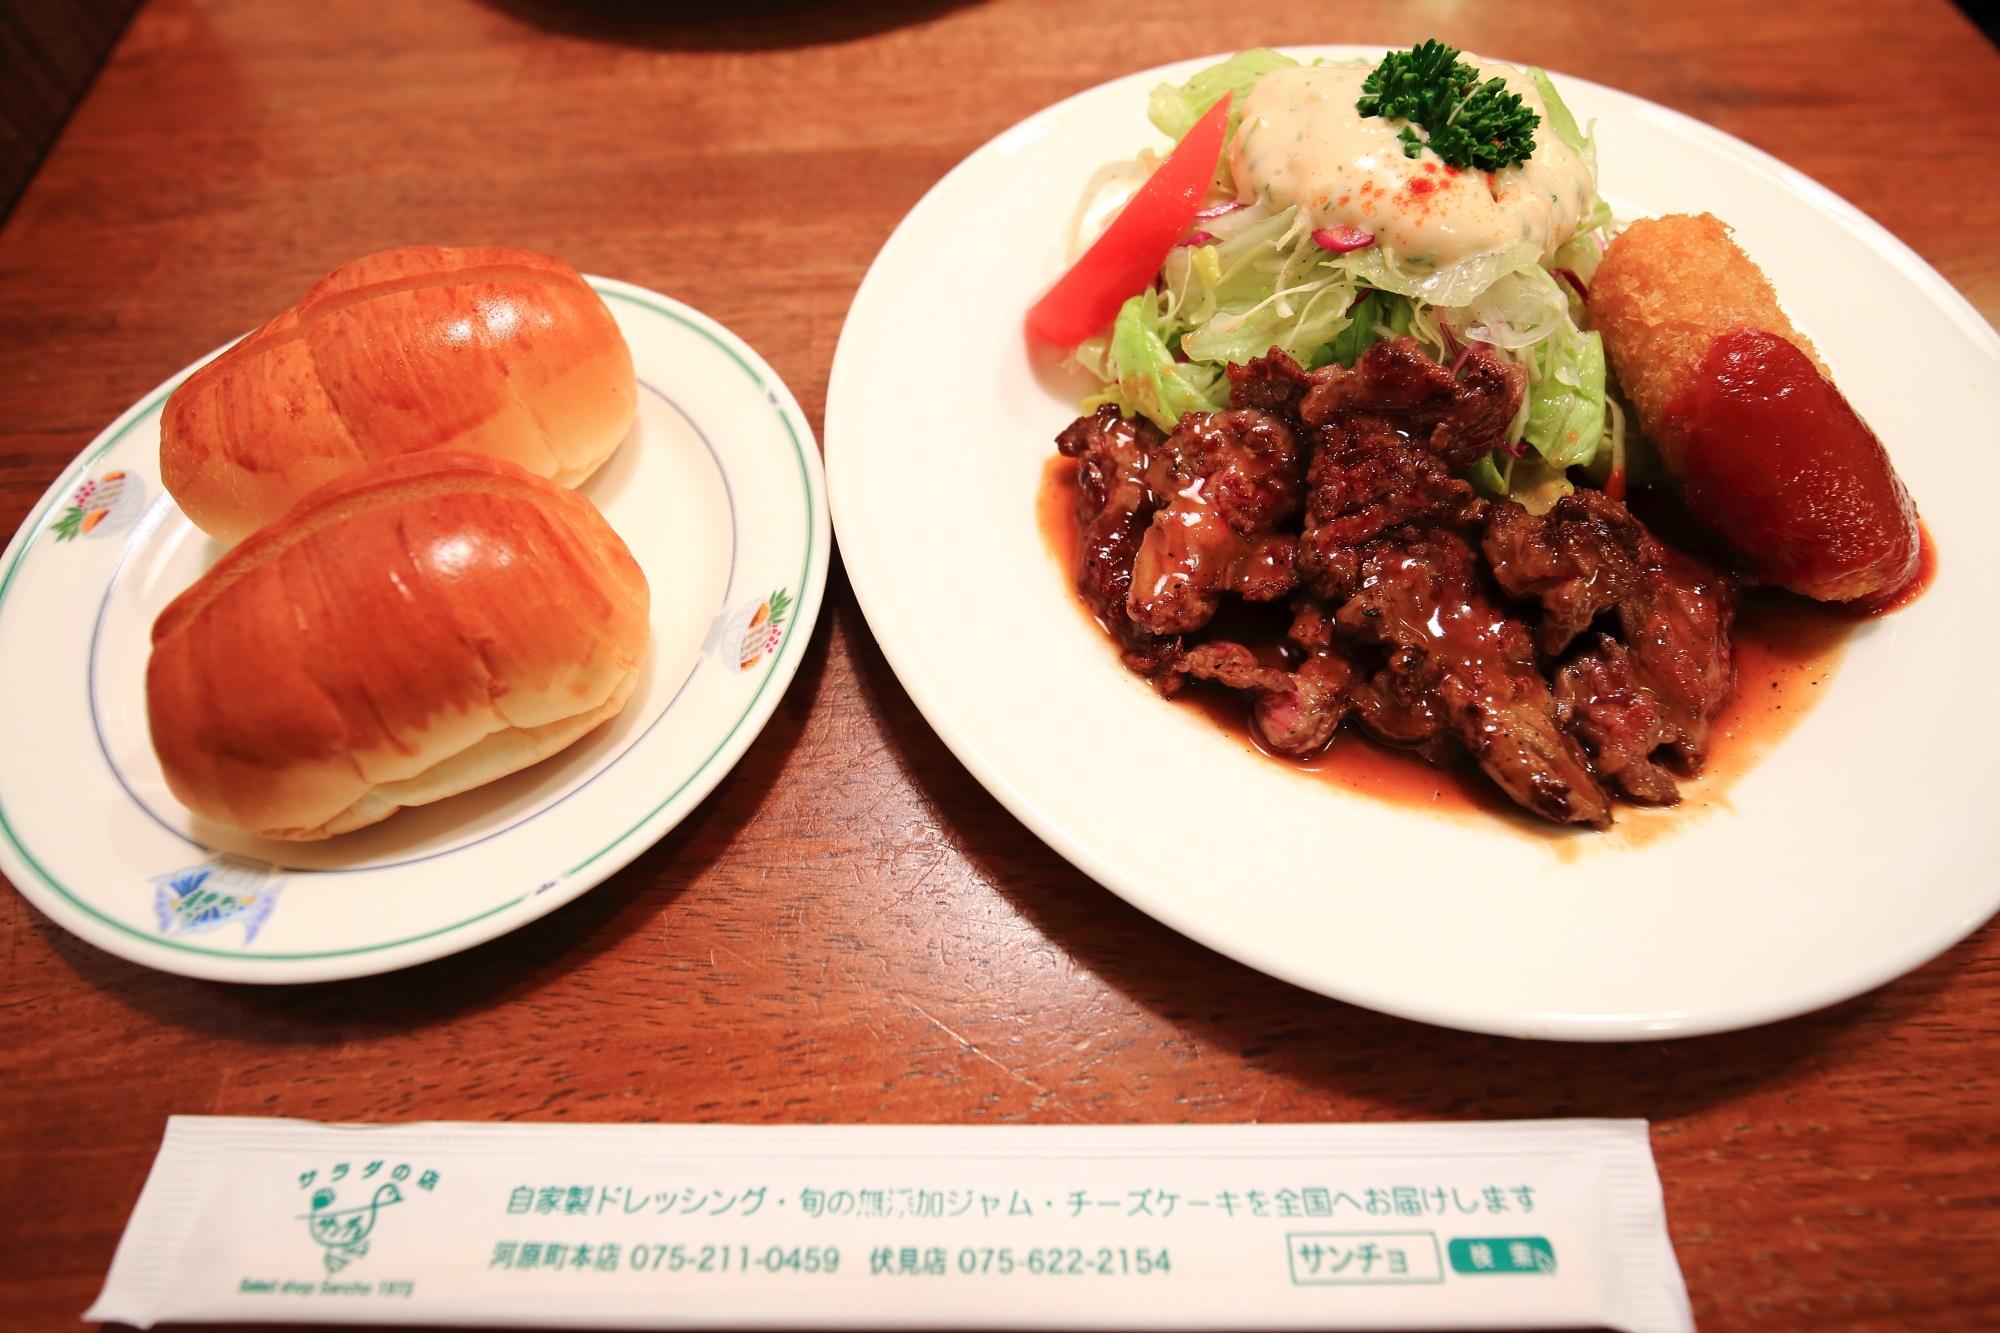 サラダの店サンチョのテリコロランチ(税込1,050円)